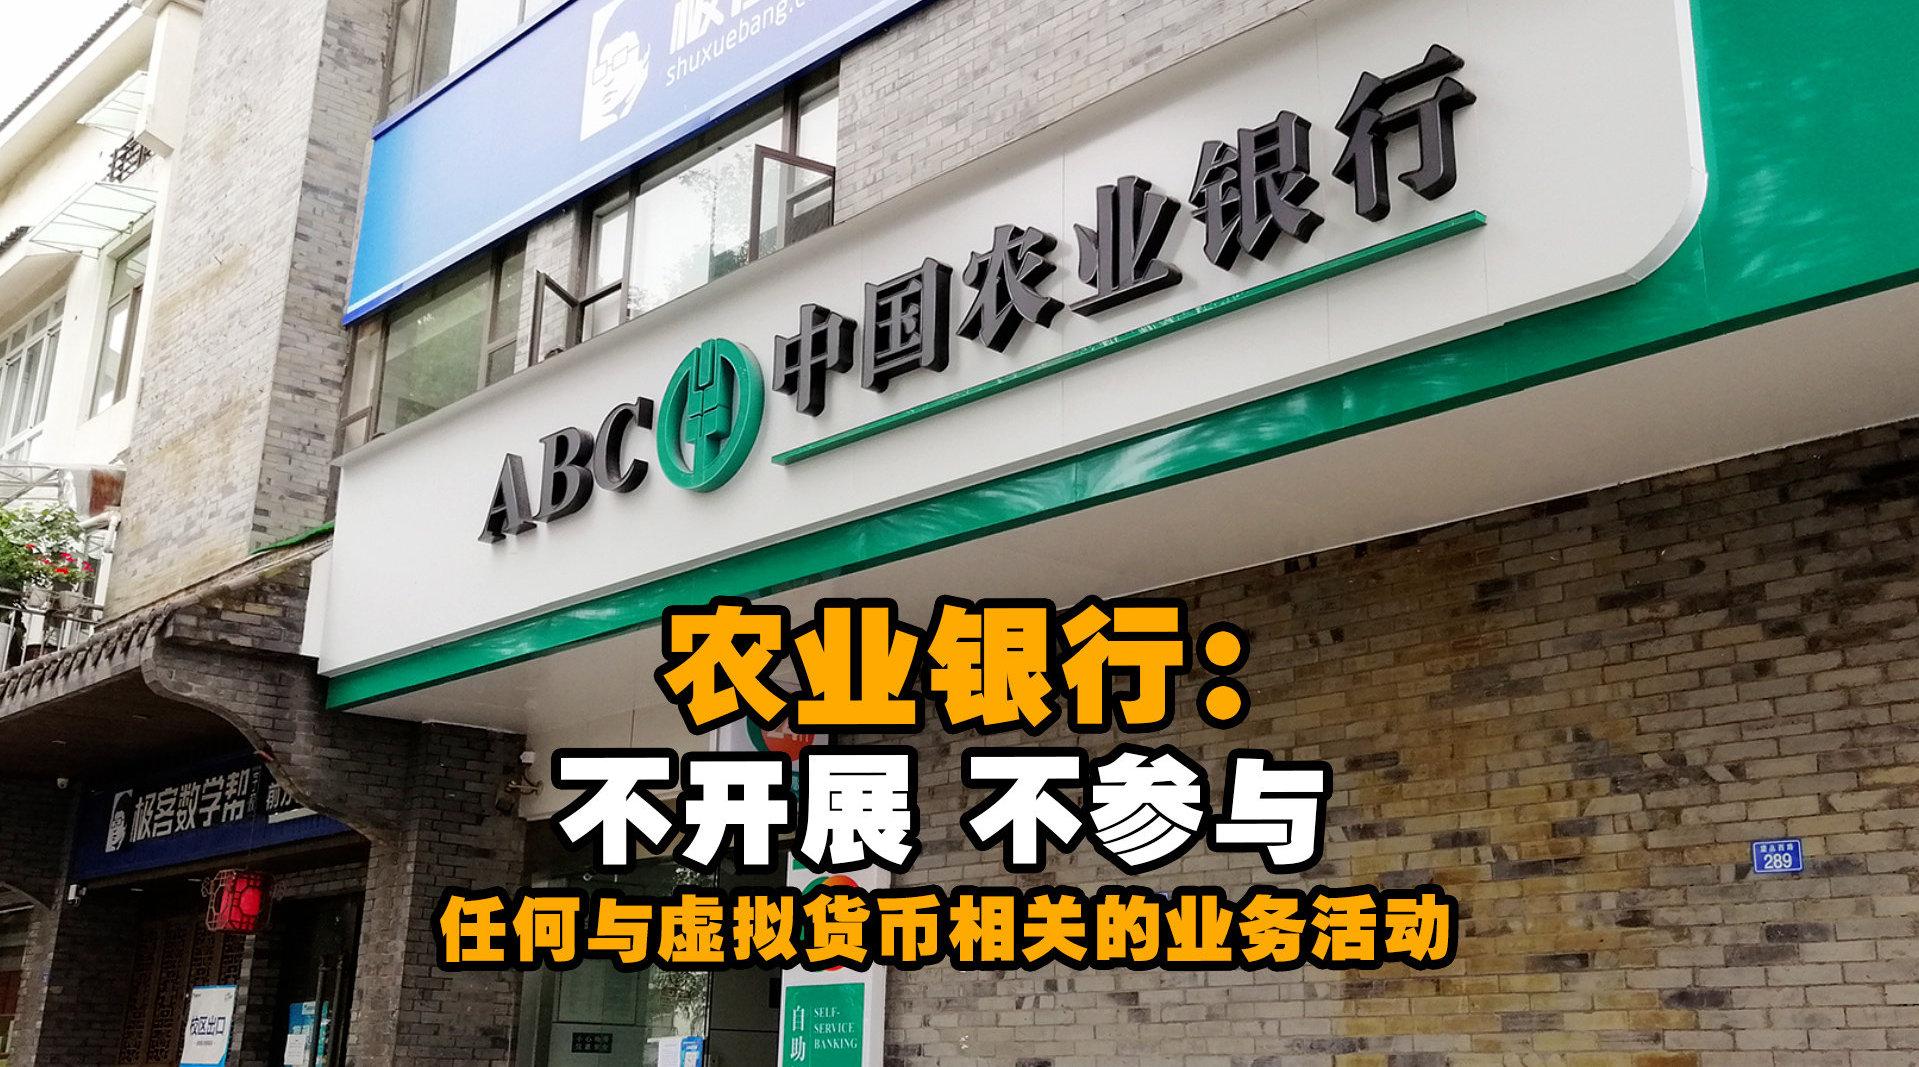 农业银行:不开展、不参与任何与虚拟货币相关的业务活动